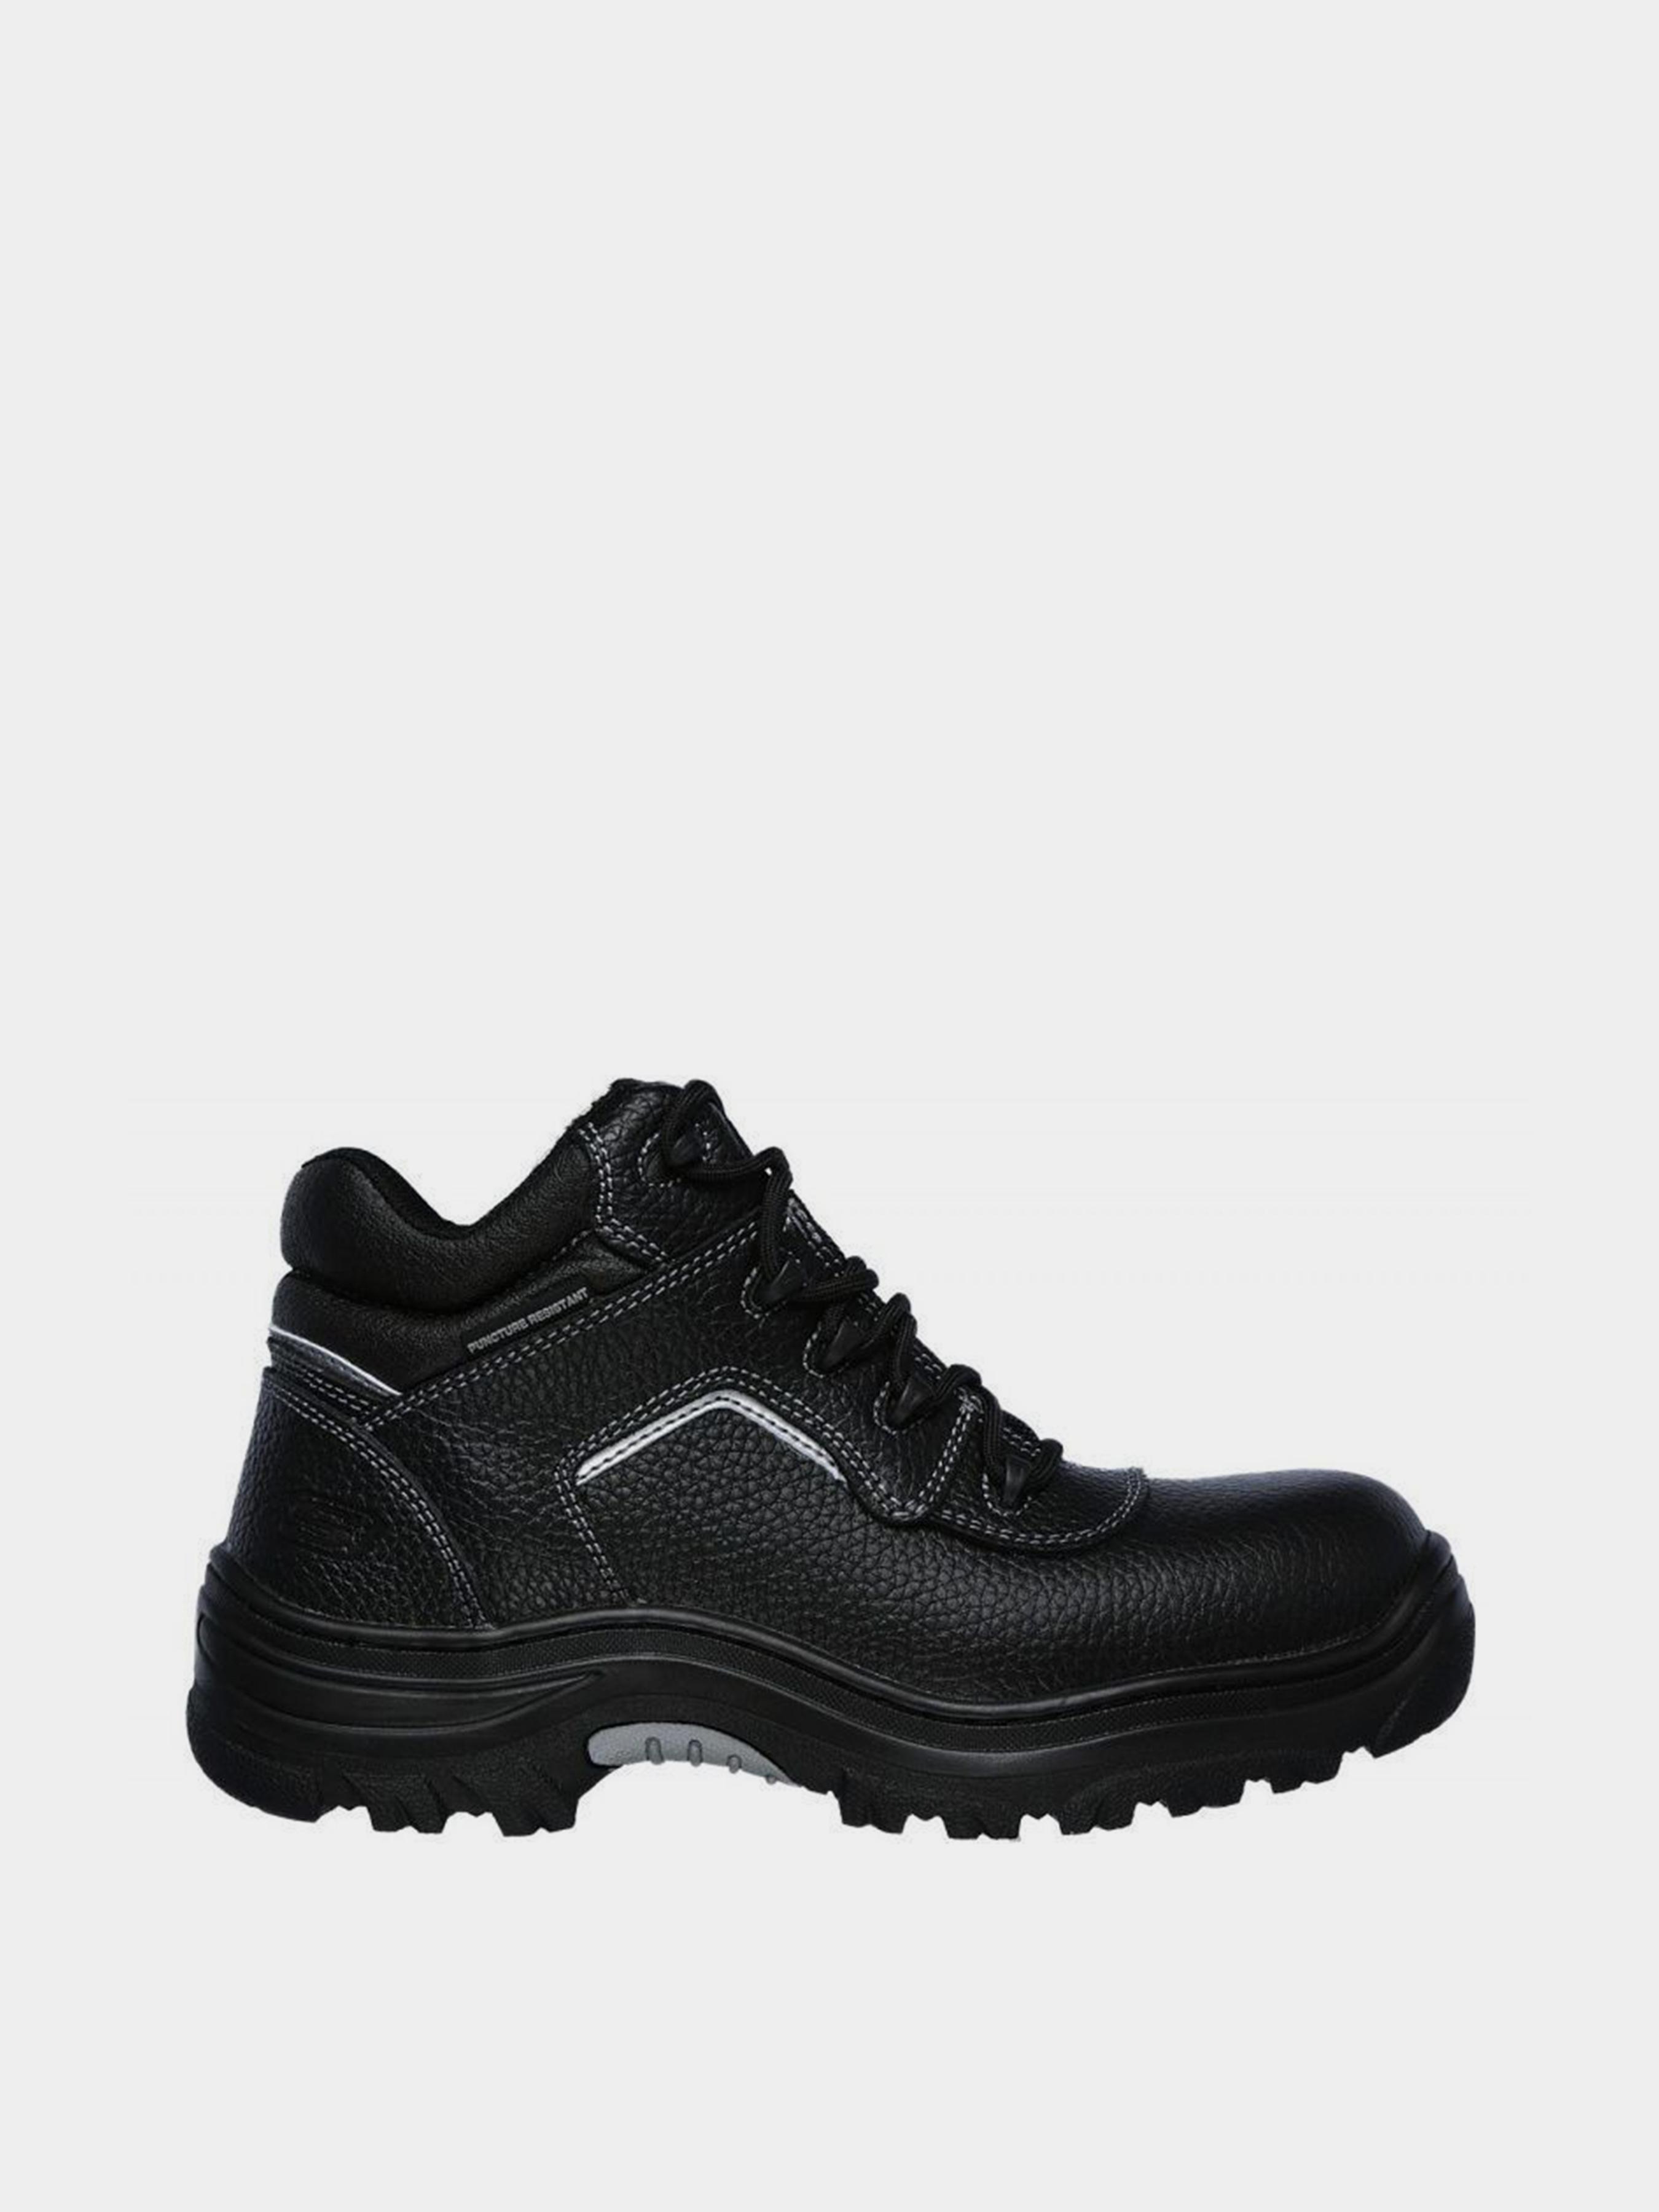 Купить Ботинки мужские Skechers KM3415, Черный